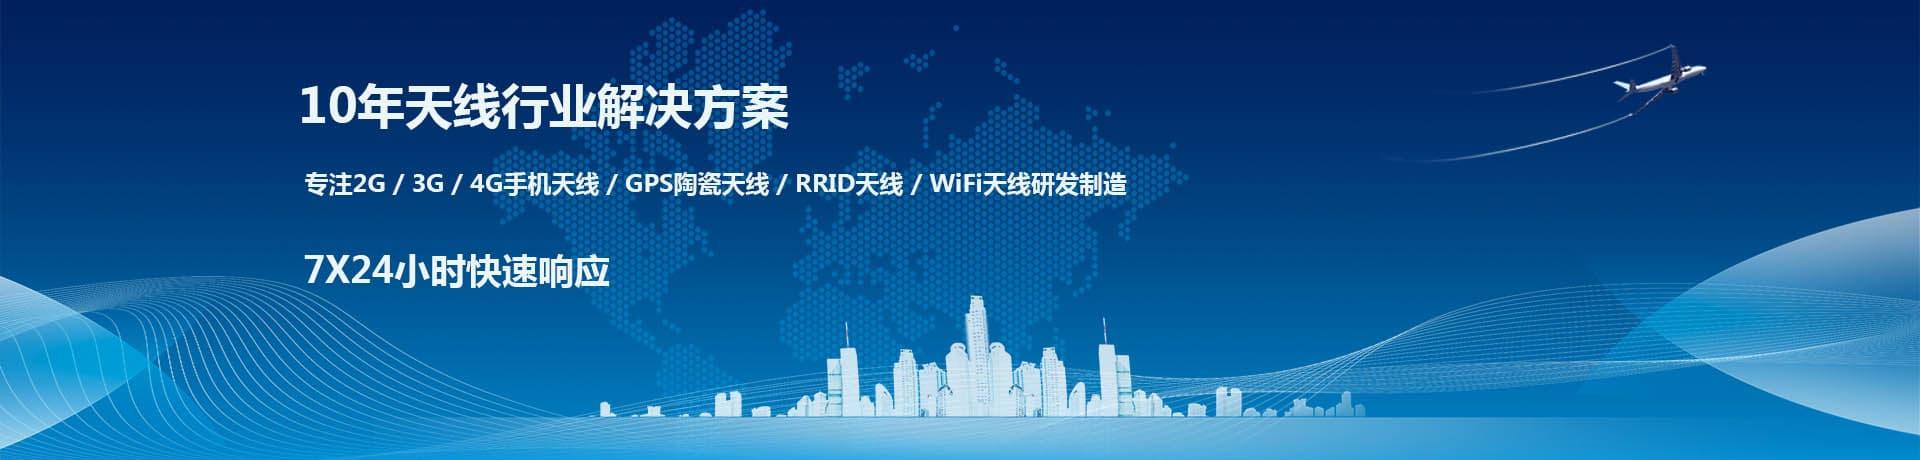 威尼斯手机娱乐官网是国内胶棒天线,无线天线,GPS天线厂家